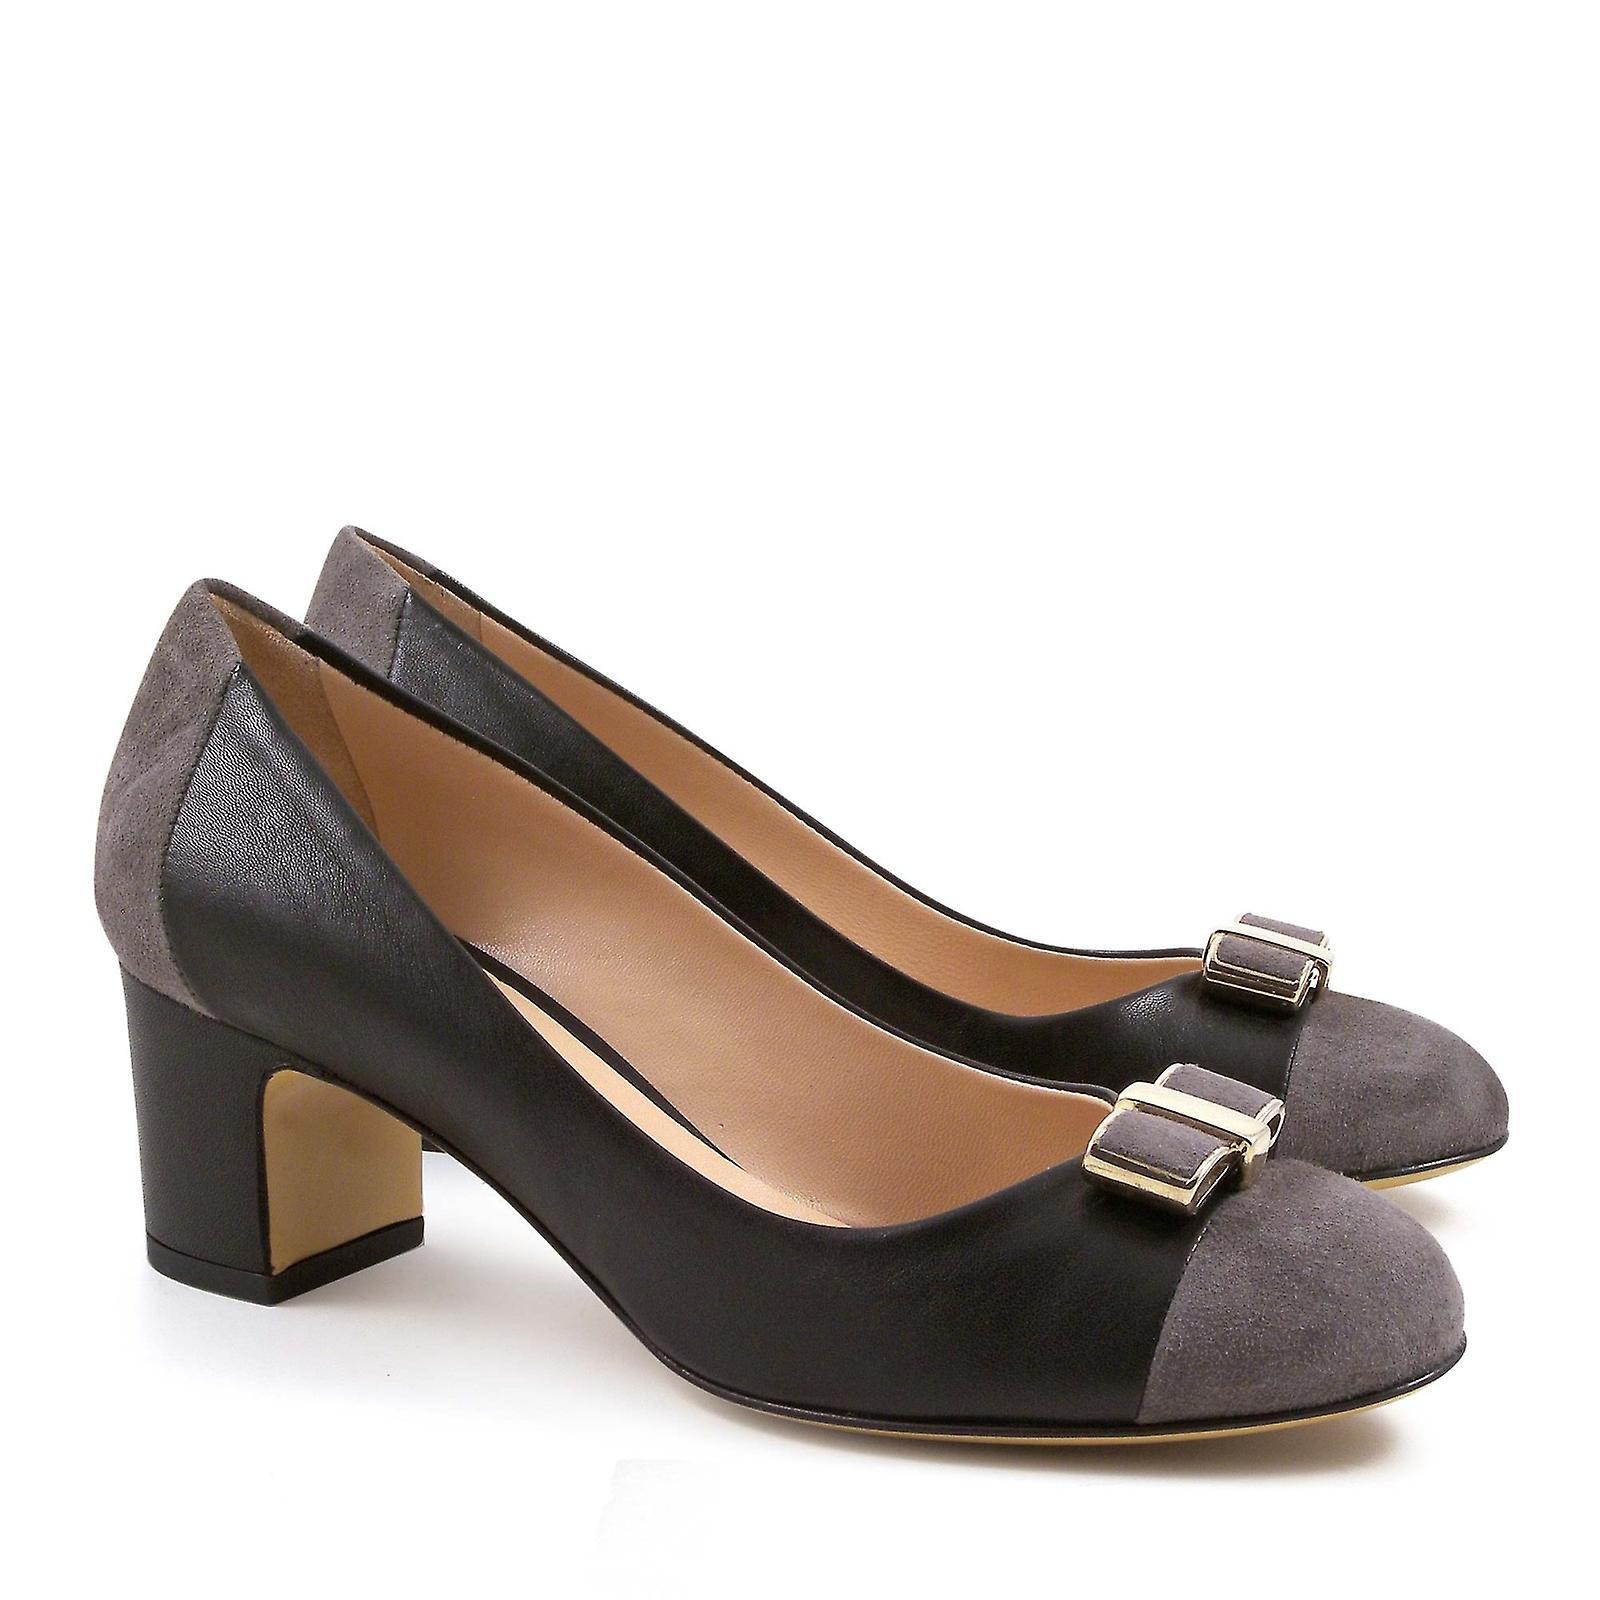 Chaussures noir talons moyen talons cuir italienne pompes à moyen pgnRrpqx